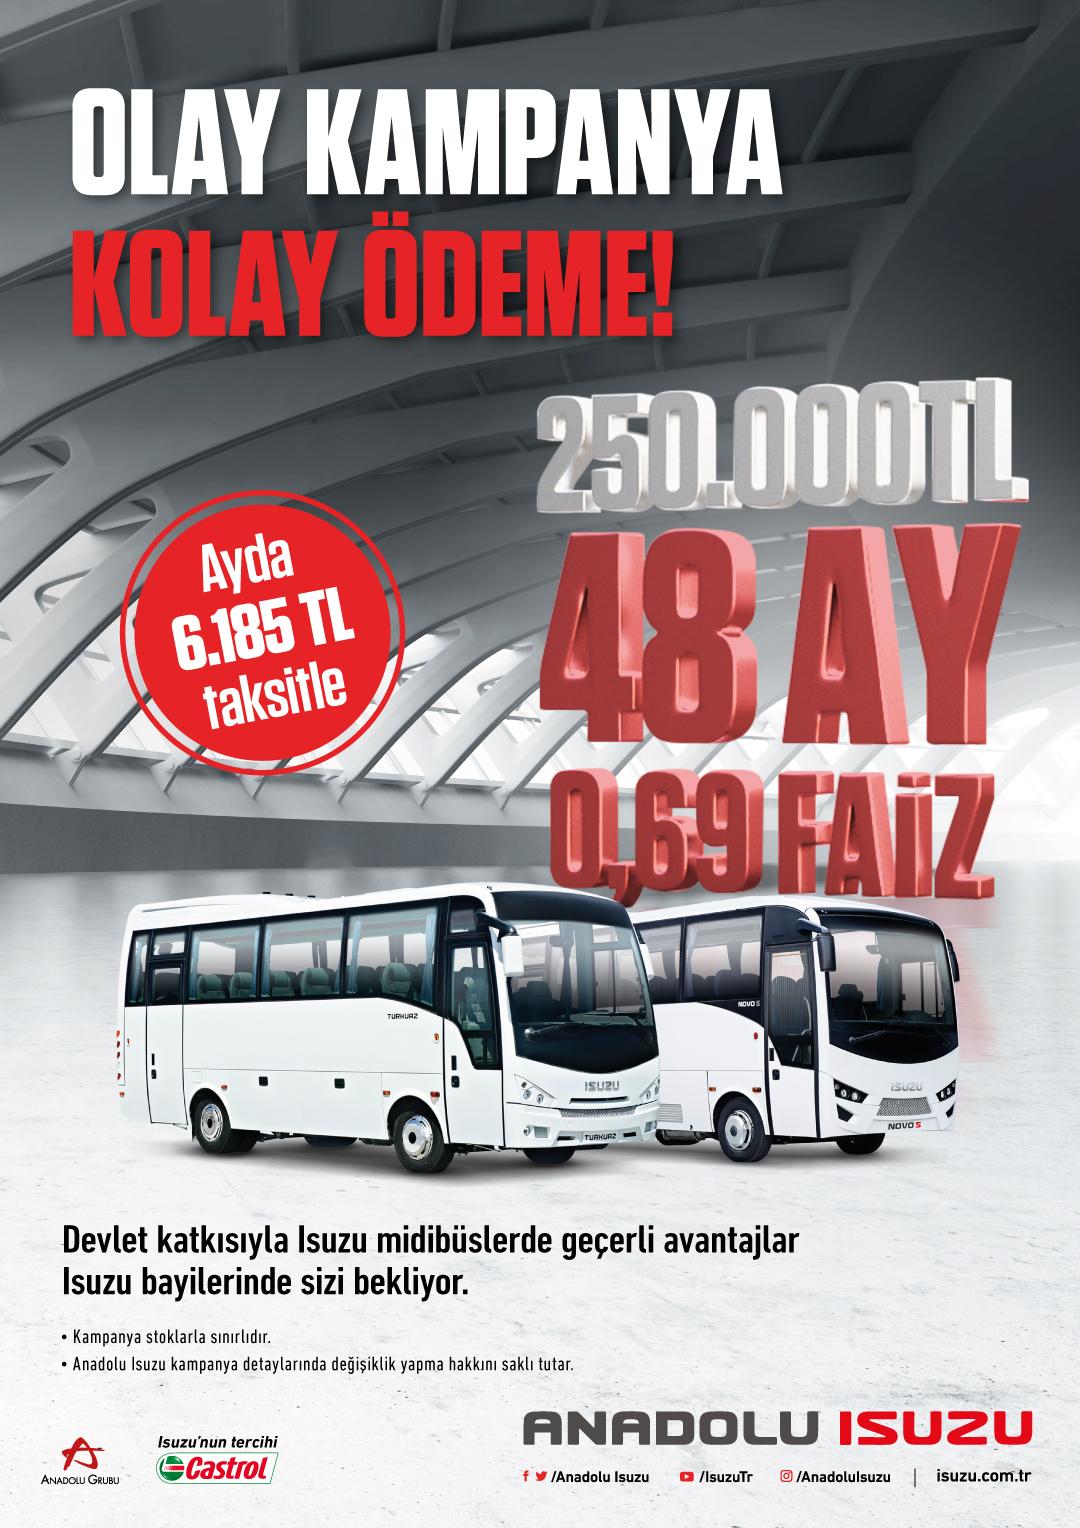 isuzu-midibus-kampanya.jpg